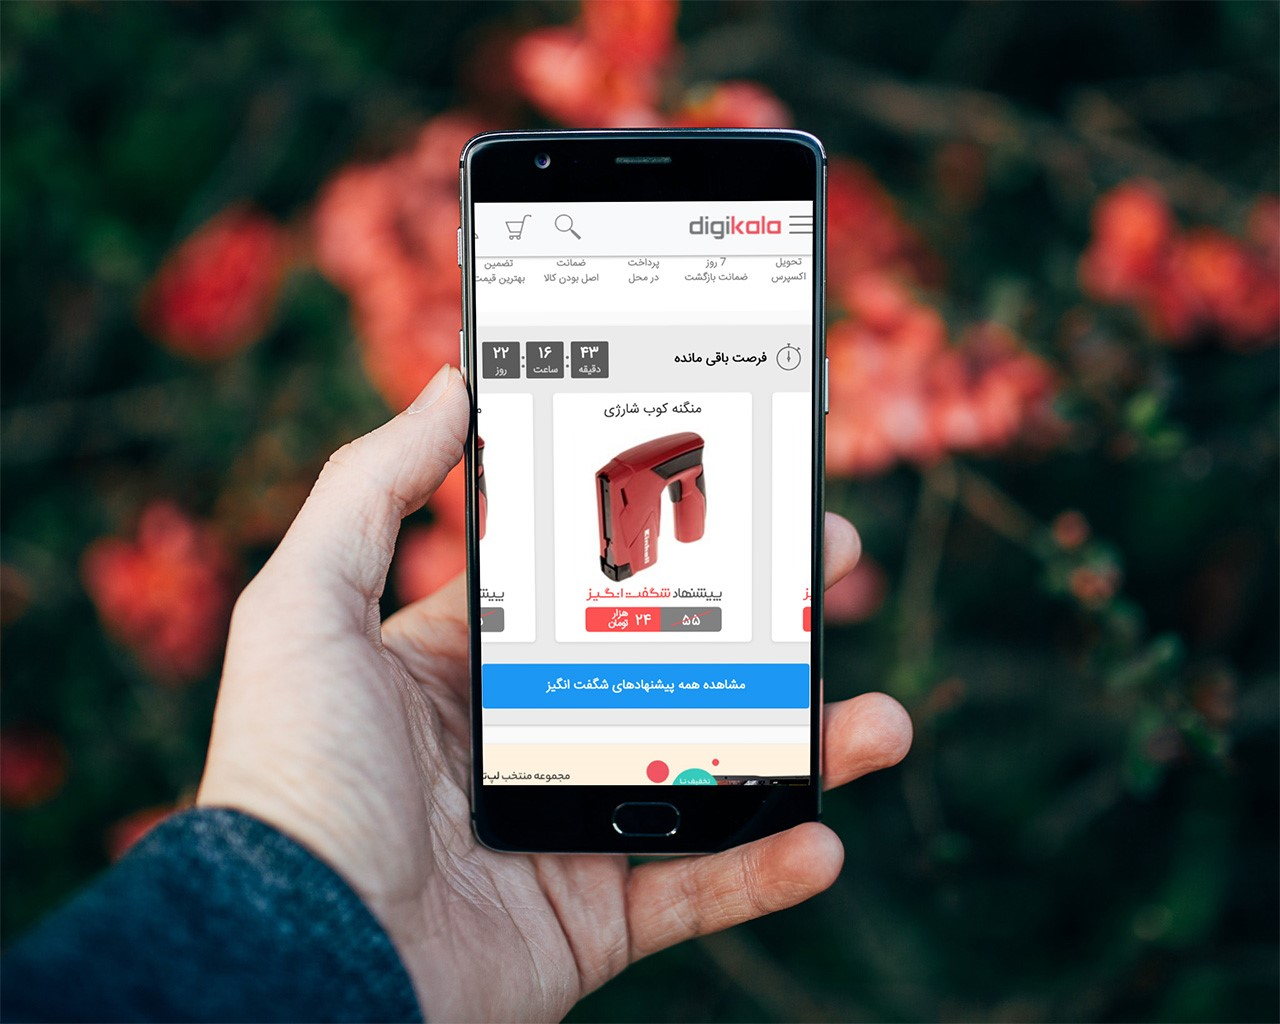 اپلیکیشن فروشگاهی فرروشگاه ساز سی فایو